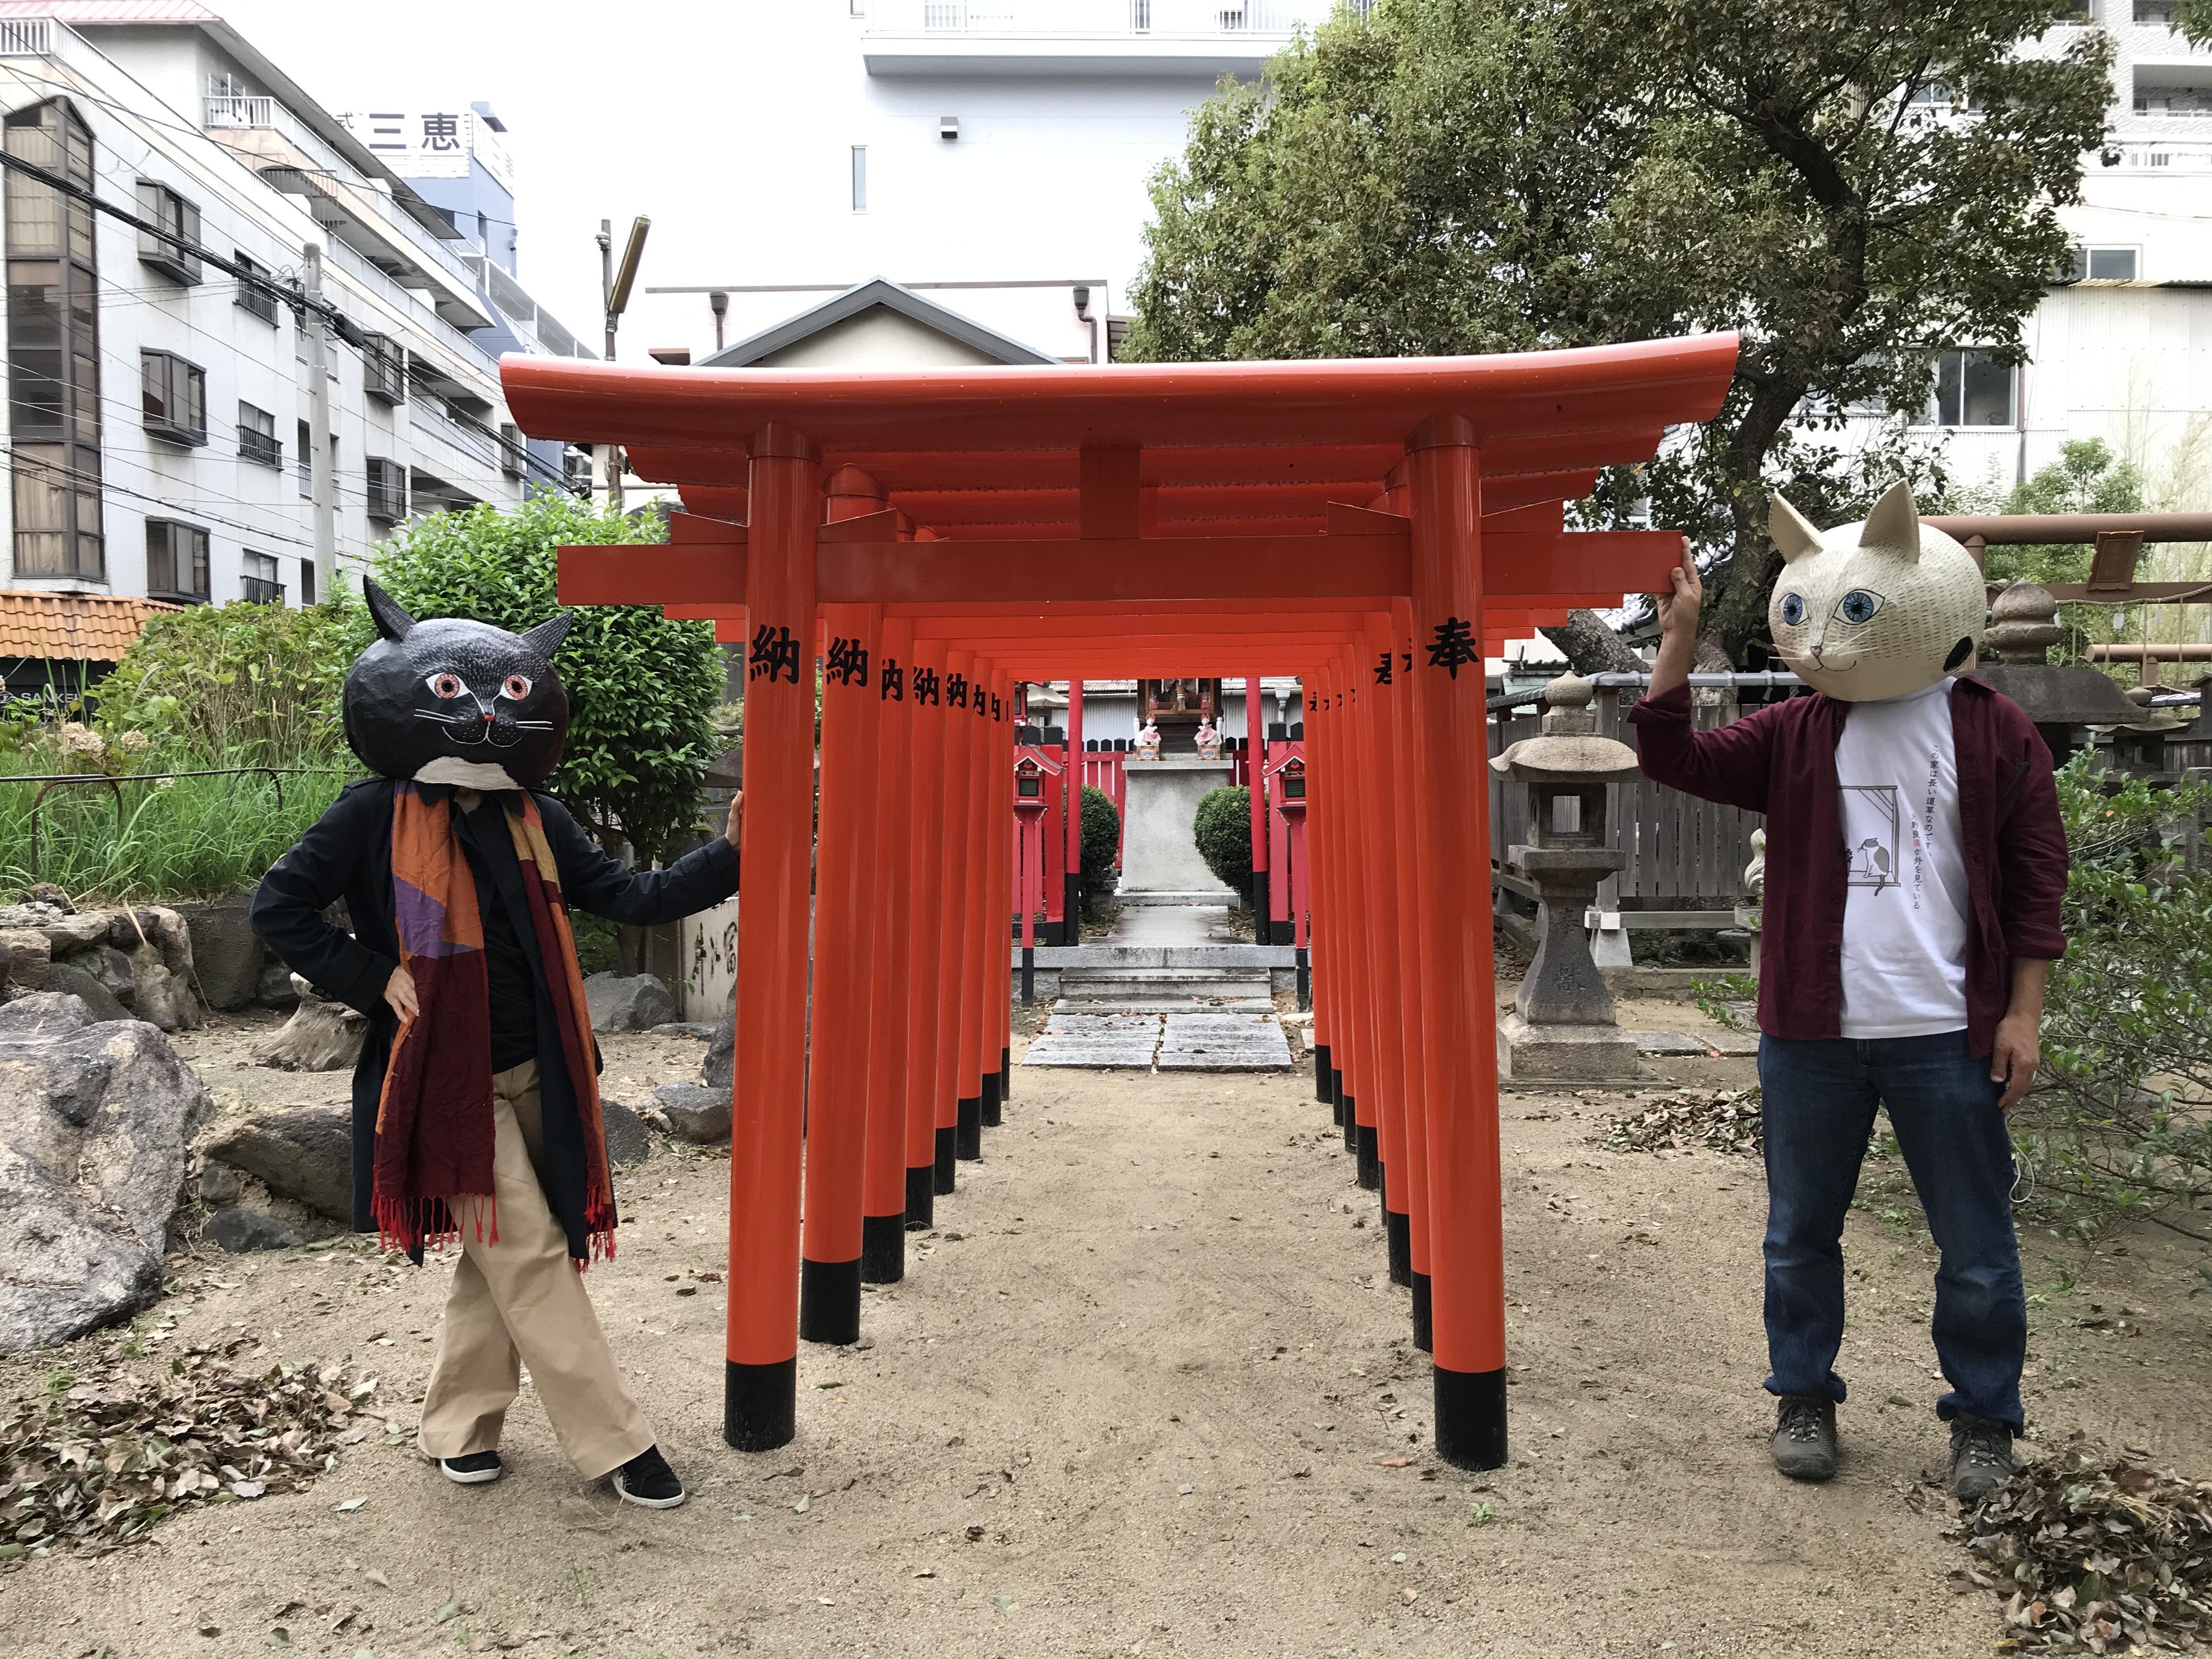 カンテの隣は神社です。